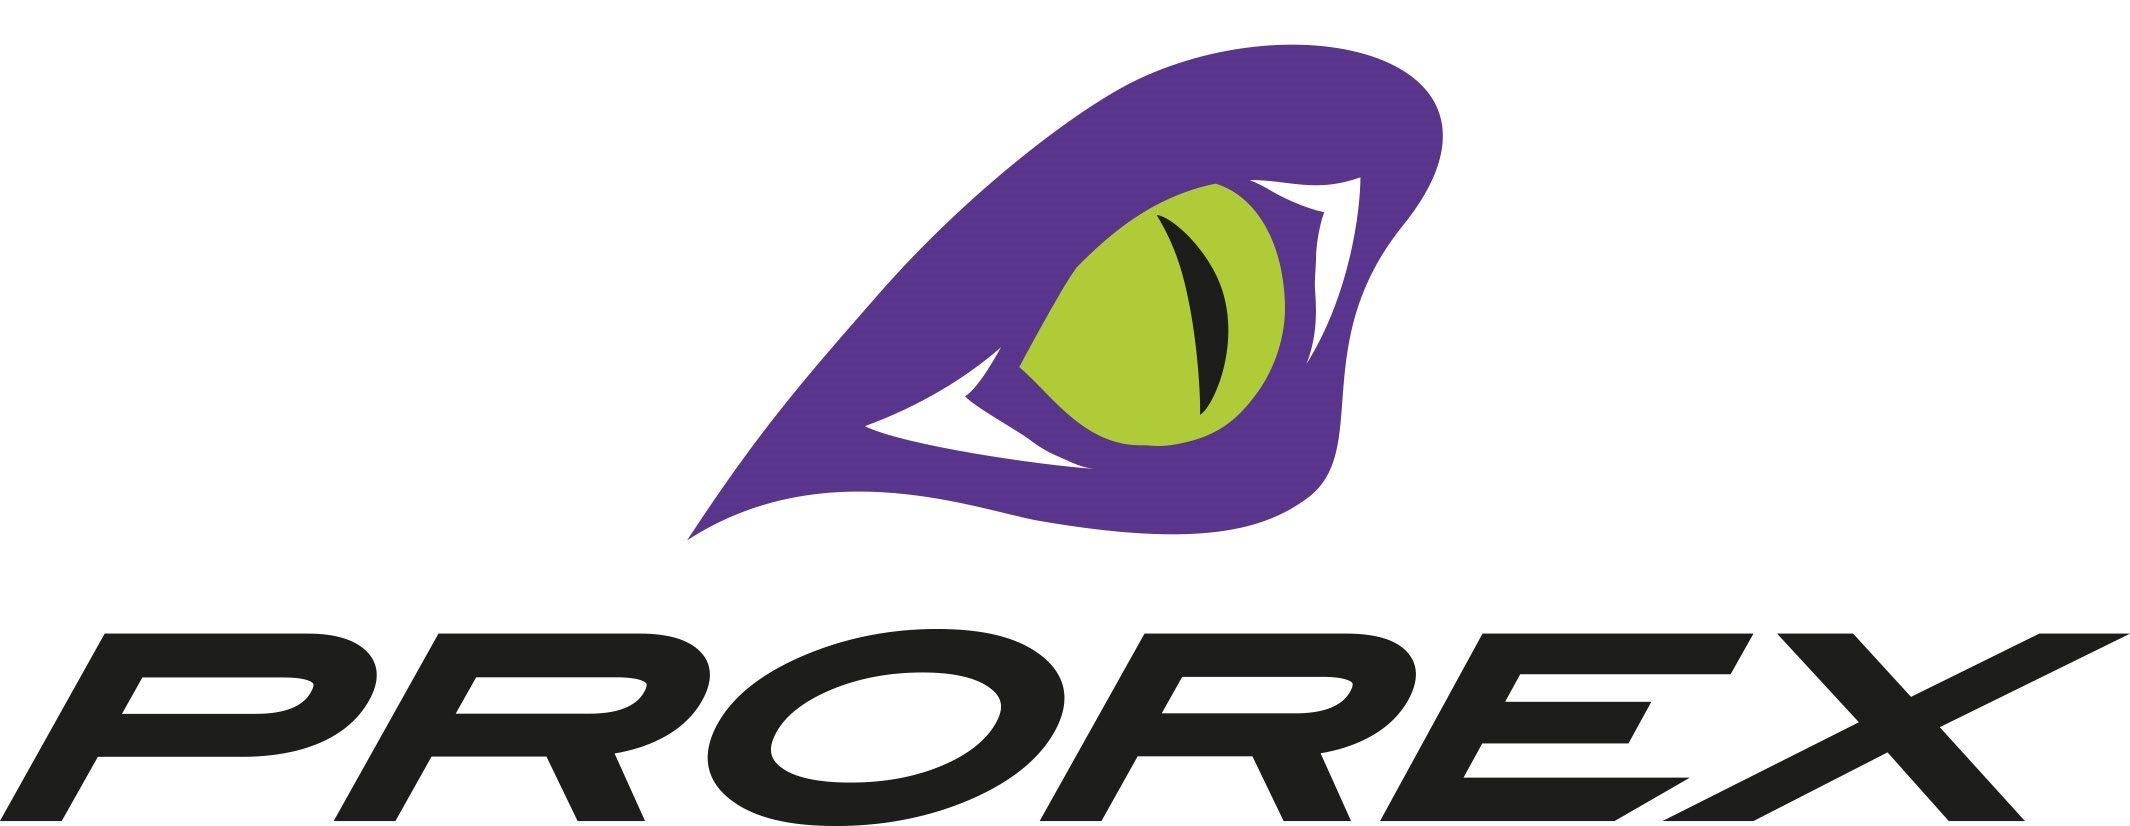 Prorex Logo 4c